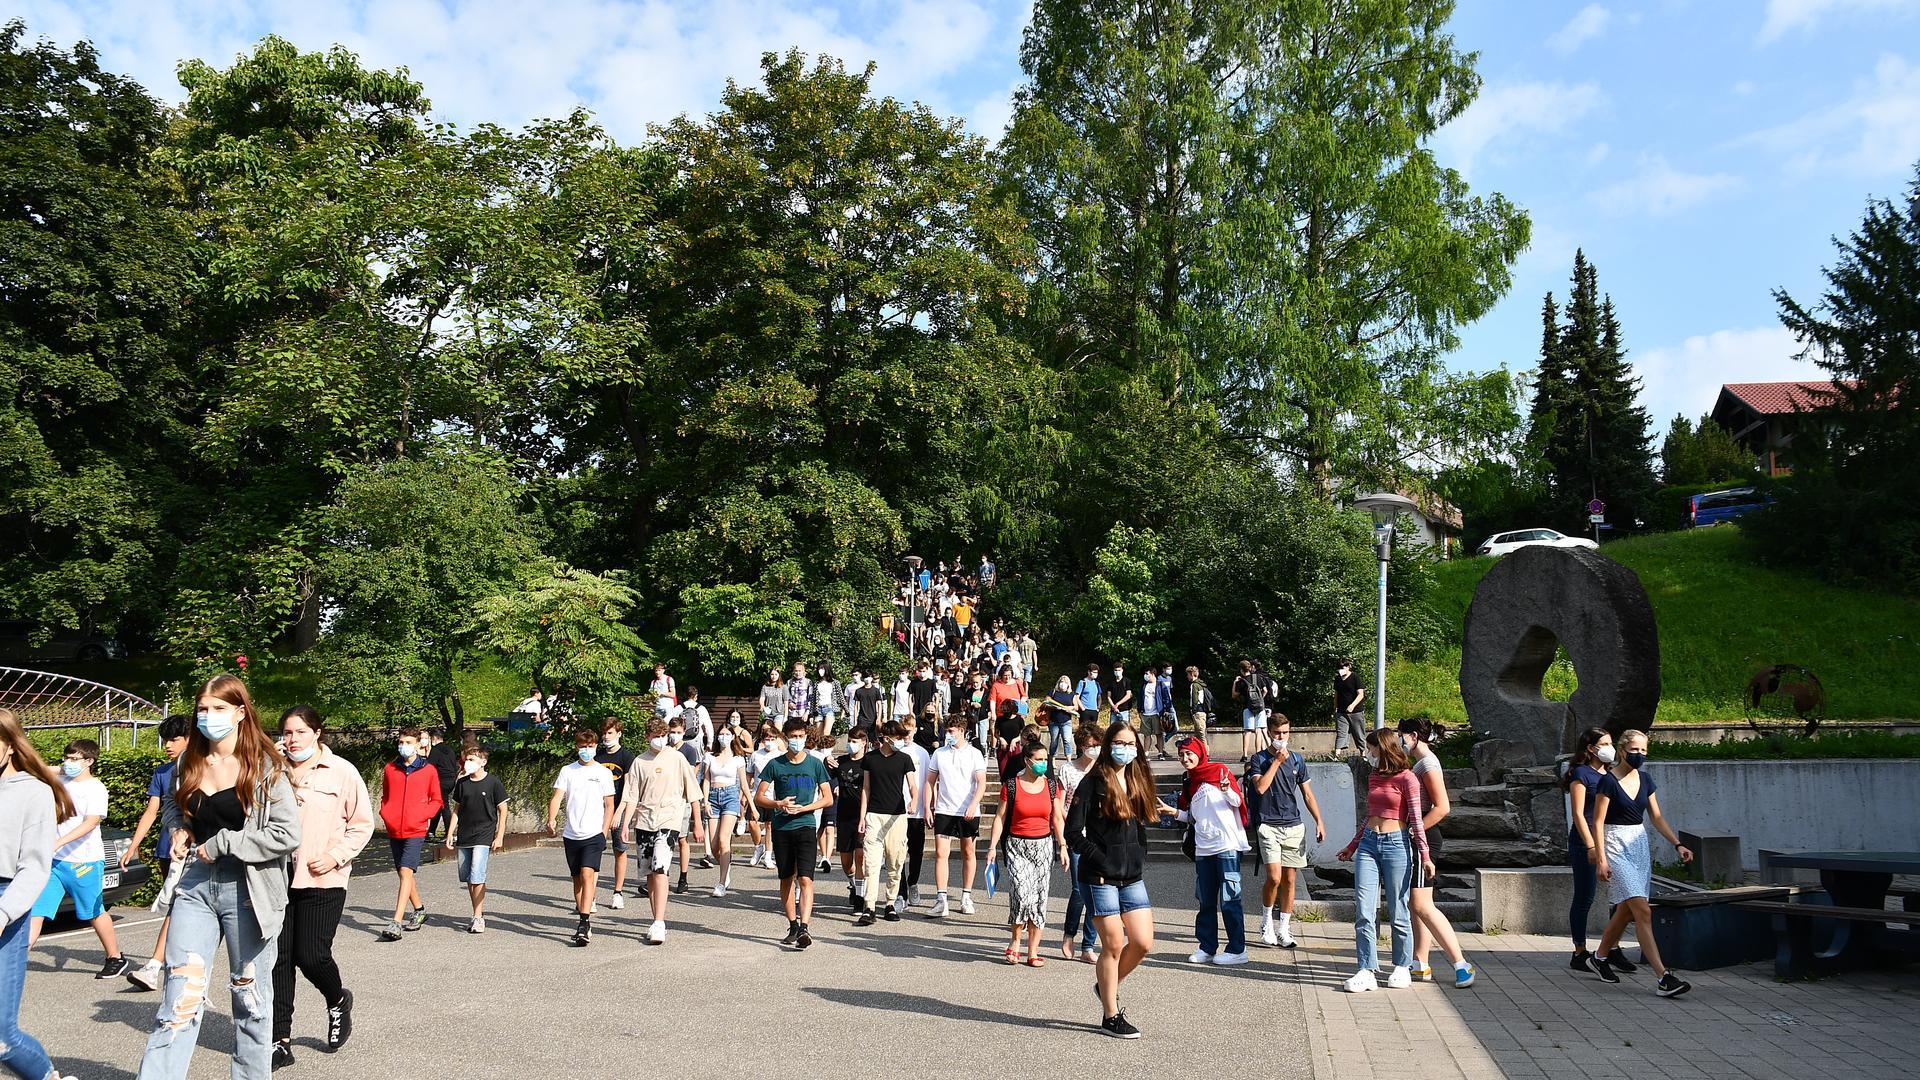 Schüler auf dem Rückweg vom Stadtpark zum Goethe-Gymnasium